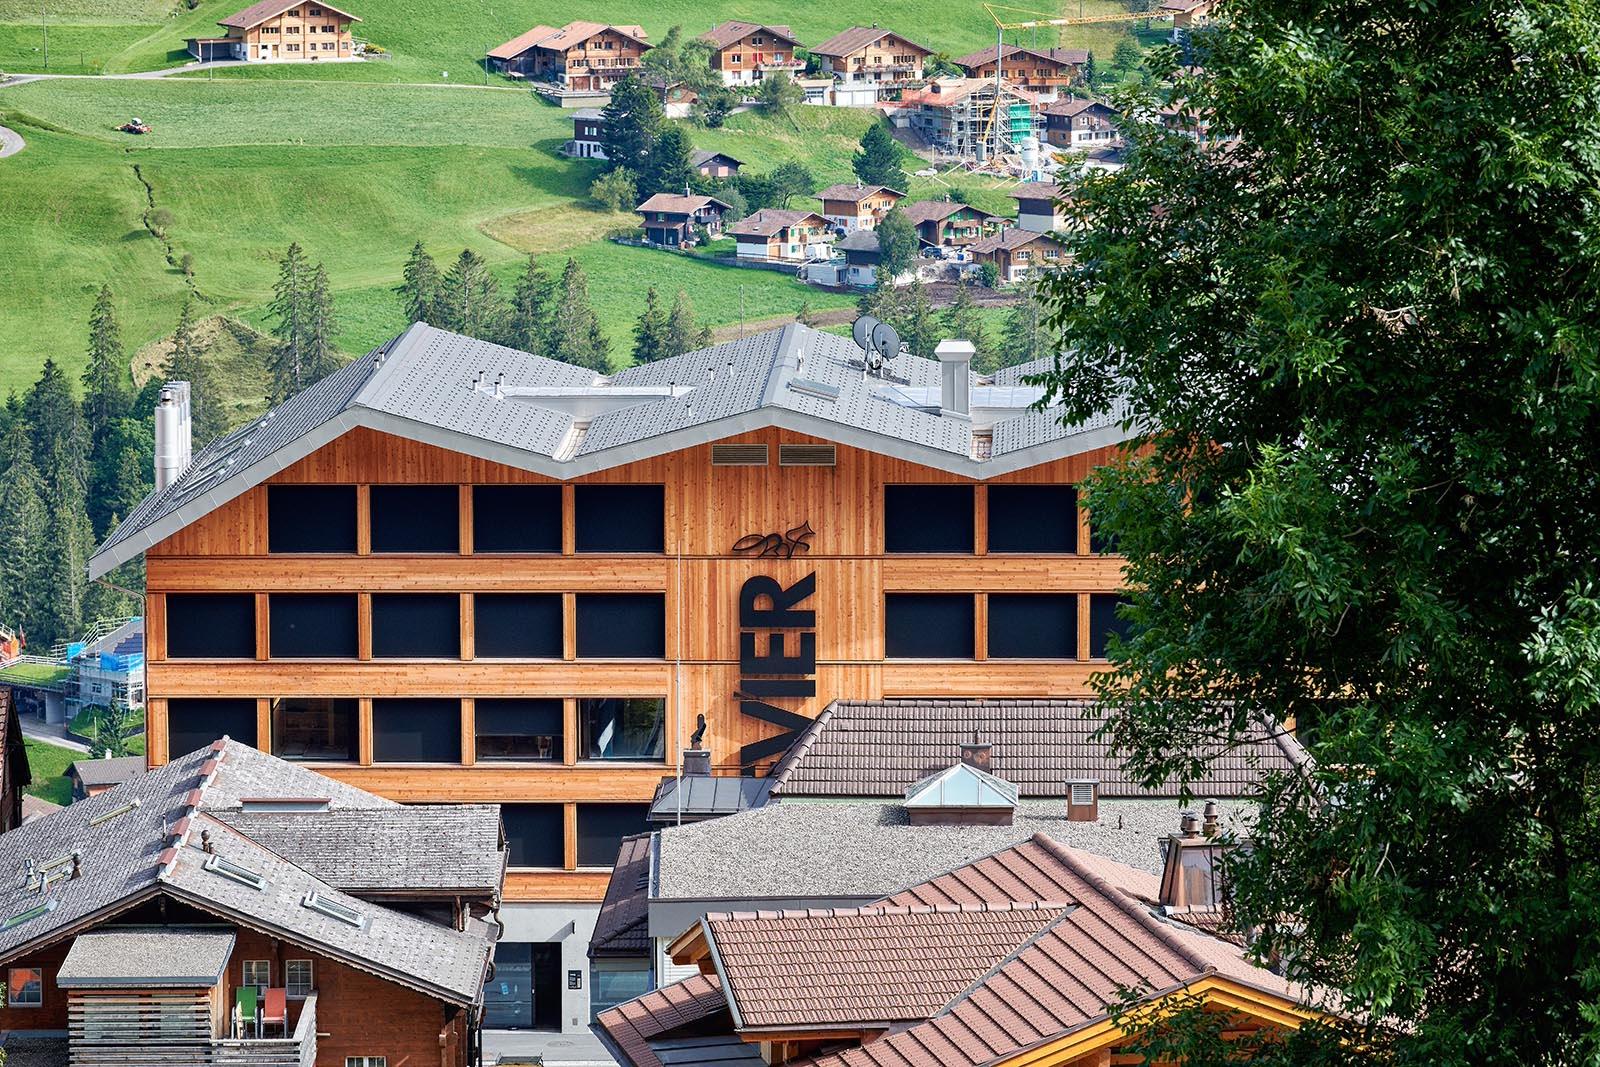 Hotel_Revier_Adelboden_24.jpg